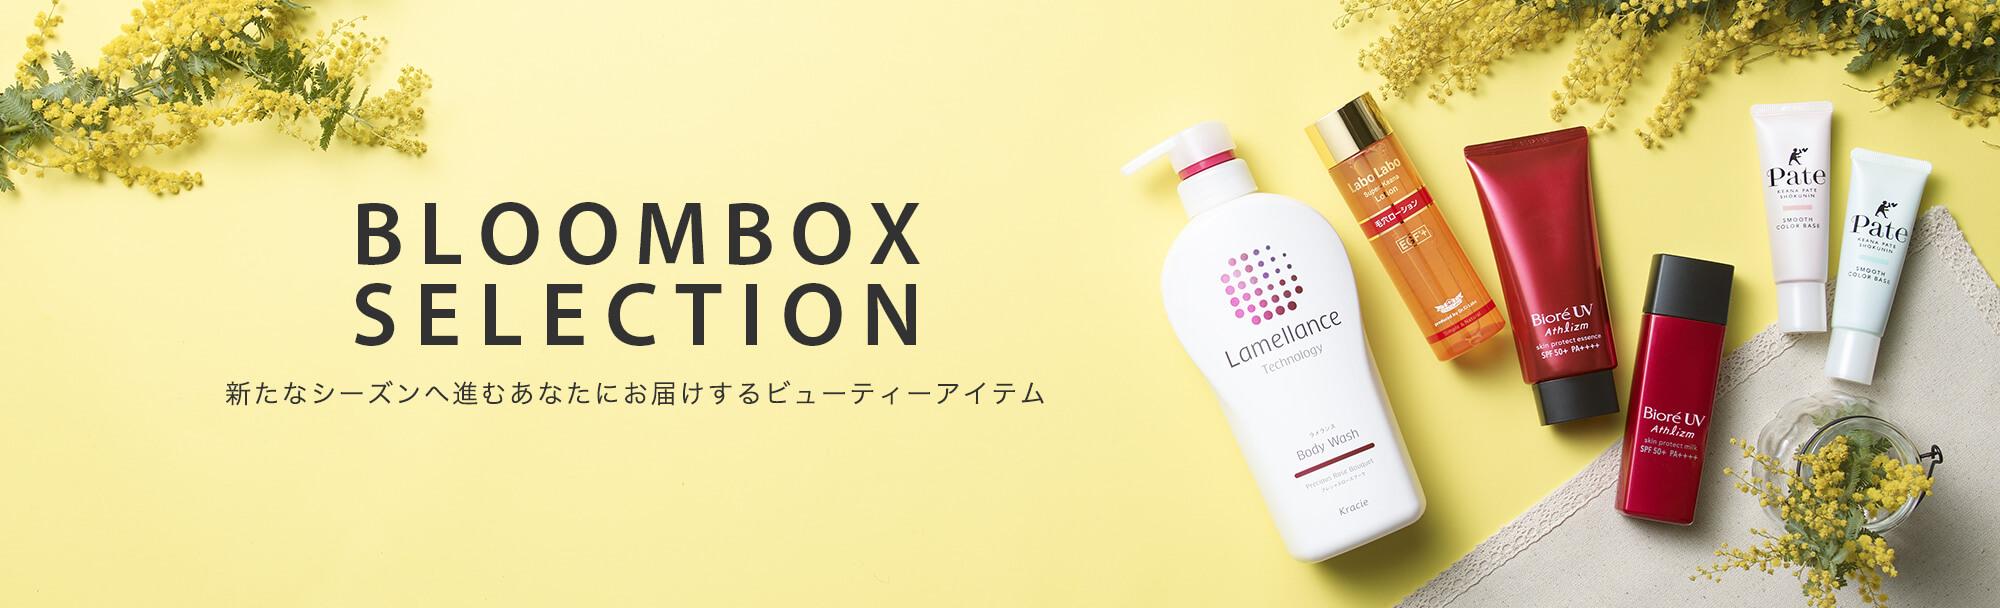 BLOOMBOX SELECTION 新たなシーズンへ進むあなたにお届けするビューティーアイテム